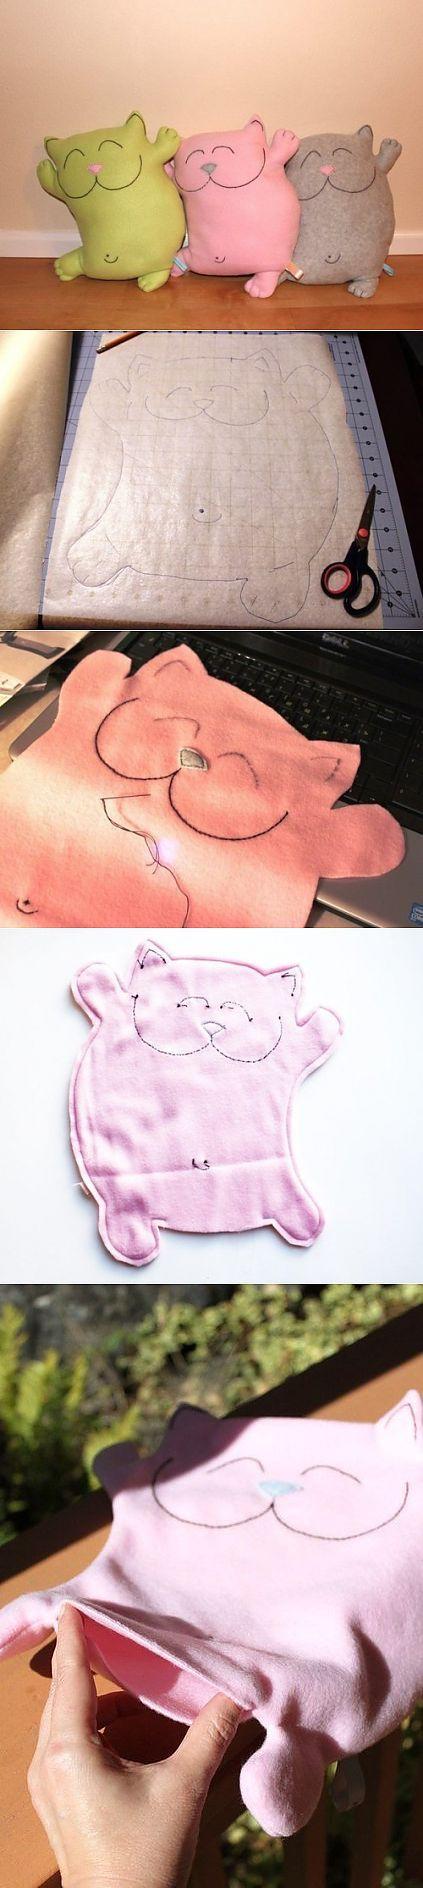 gato almohada con sus propias manos para niños | mi Milady